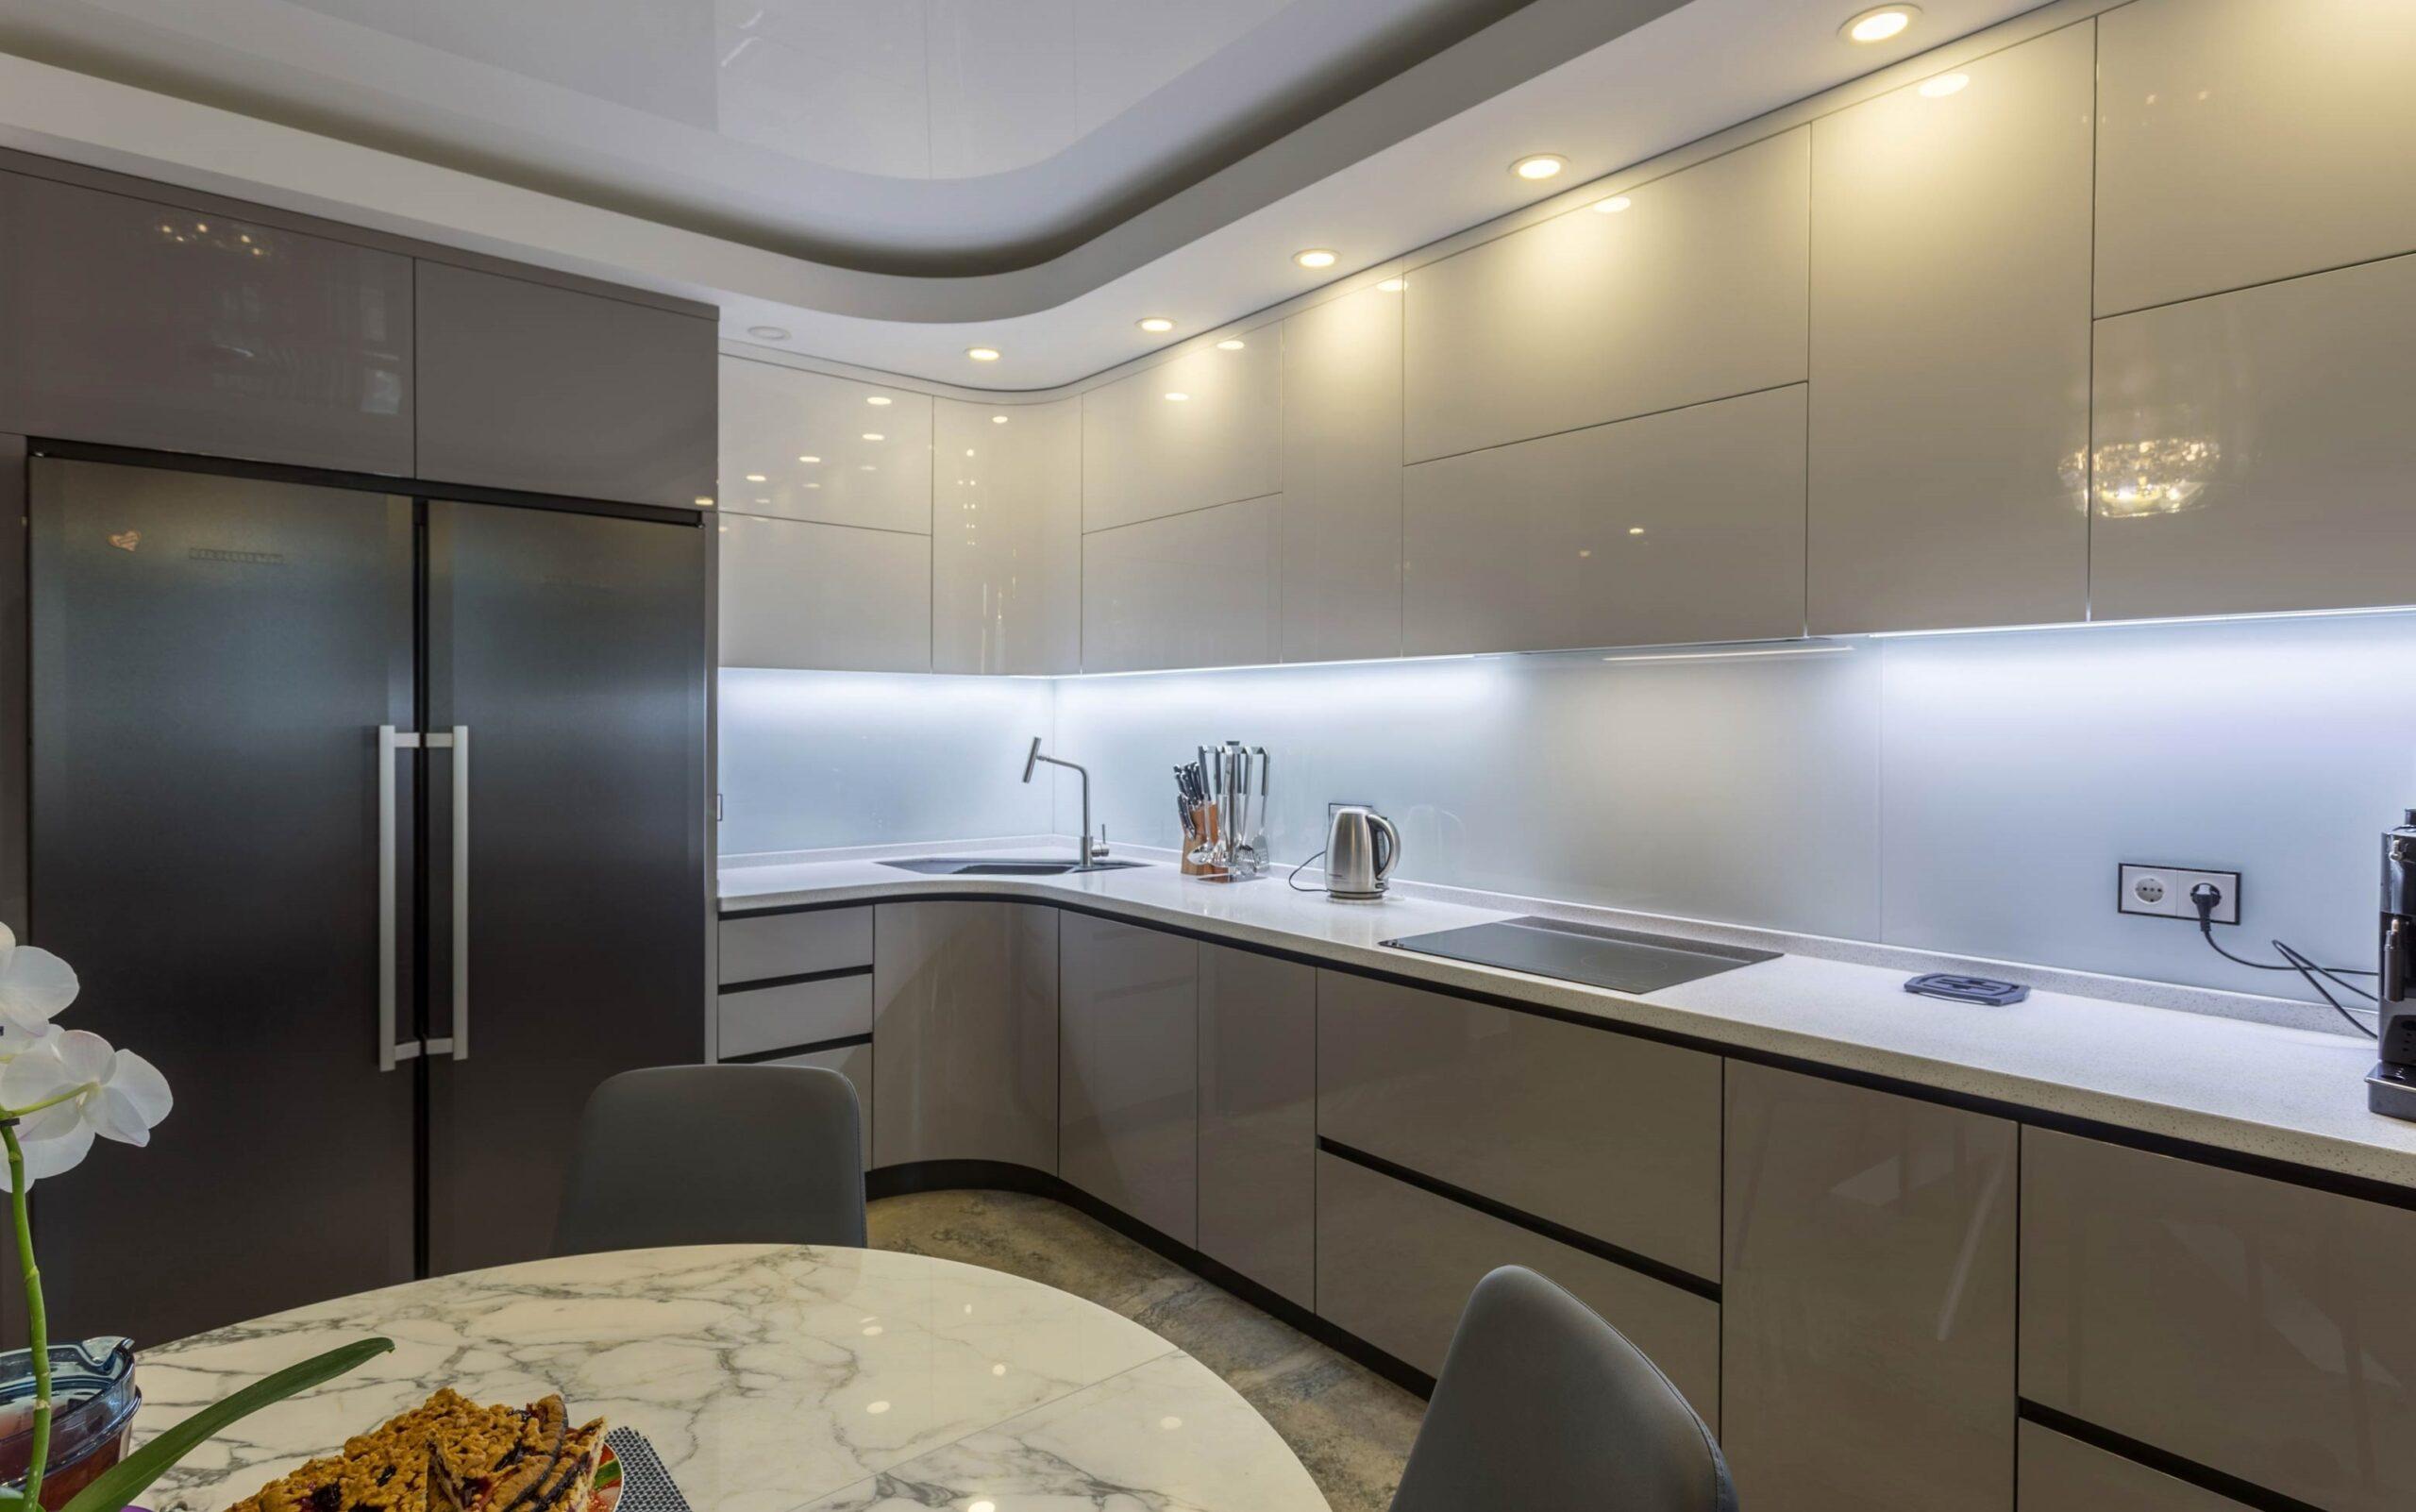 высокие шкафы до потолка в кухне